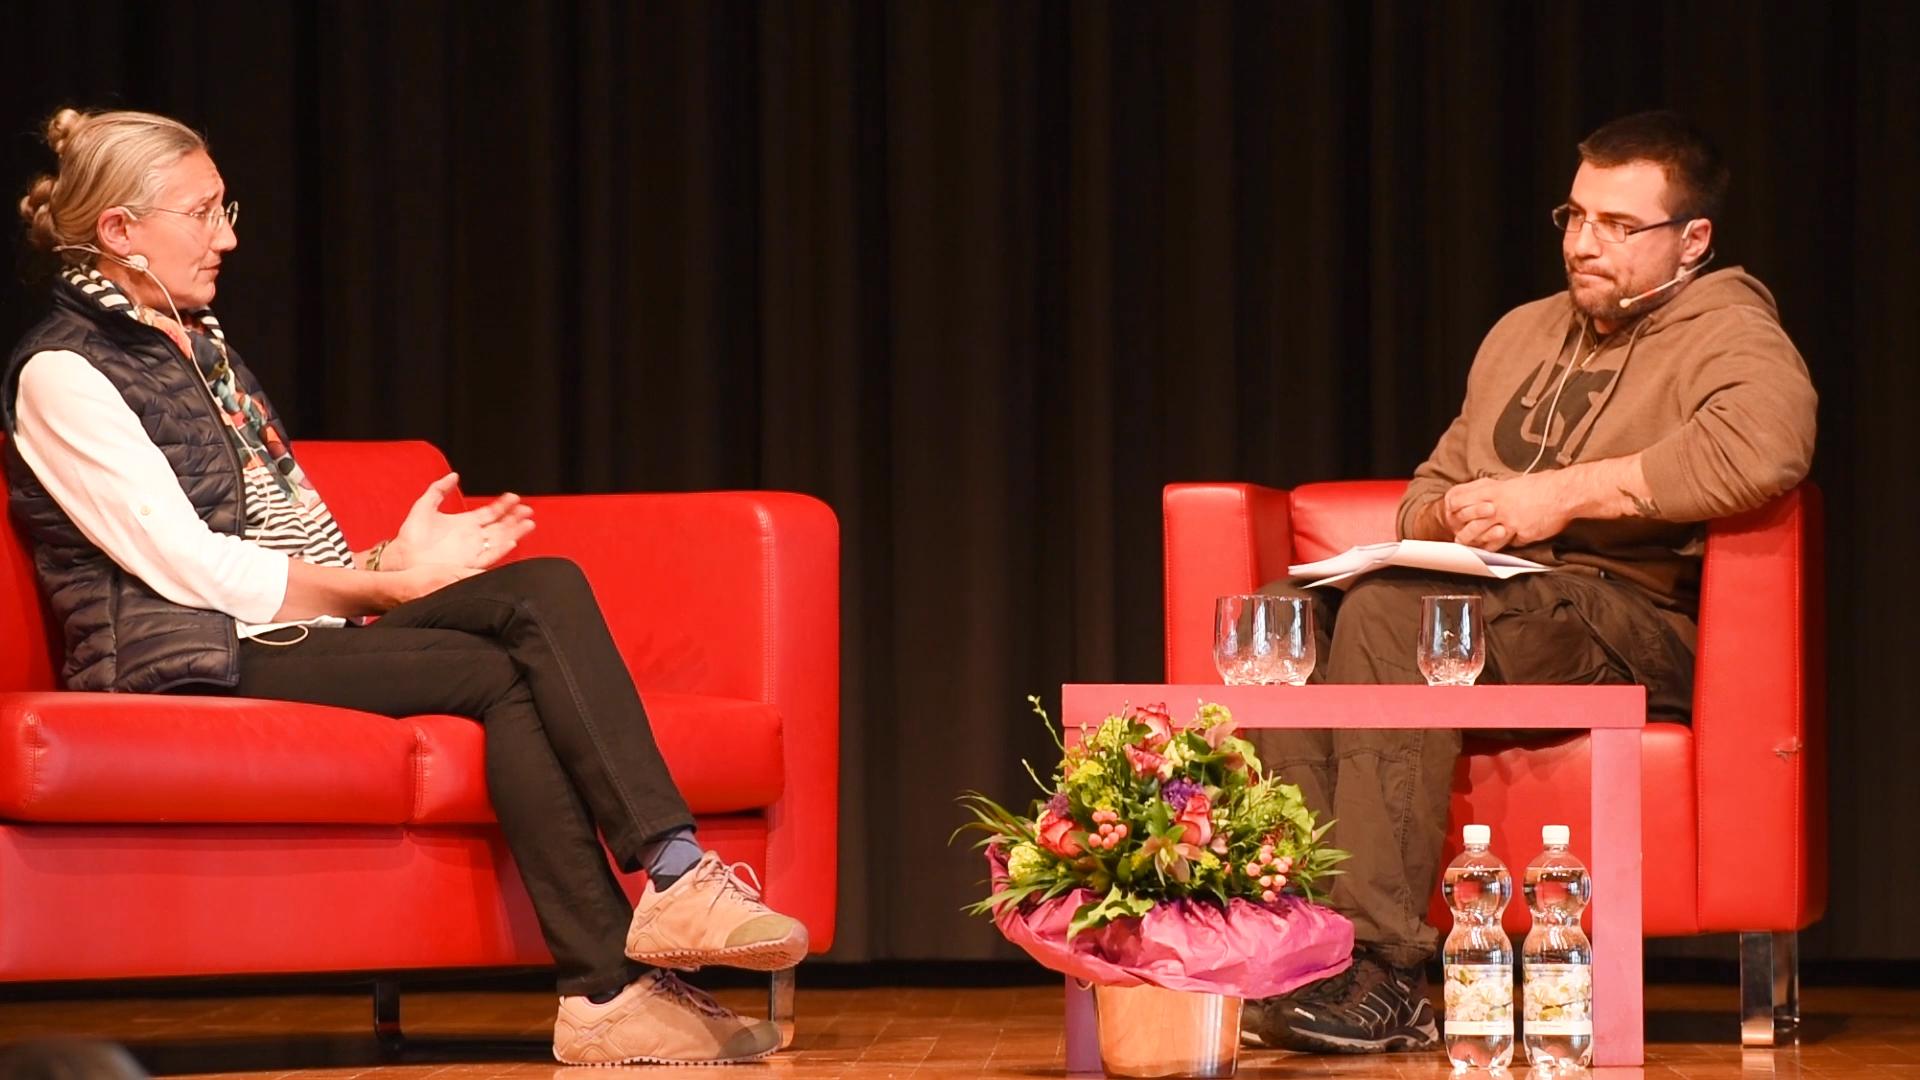 Expertengespräch zum Thema Suizid: Christiane Rösch & David Oberthaler